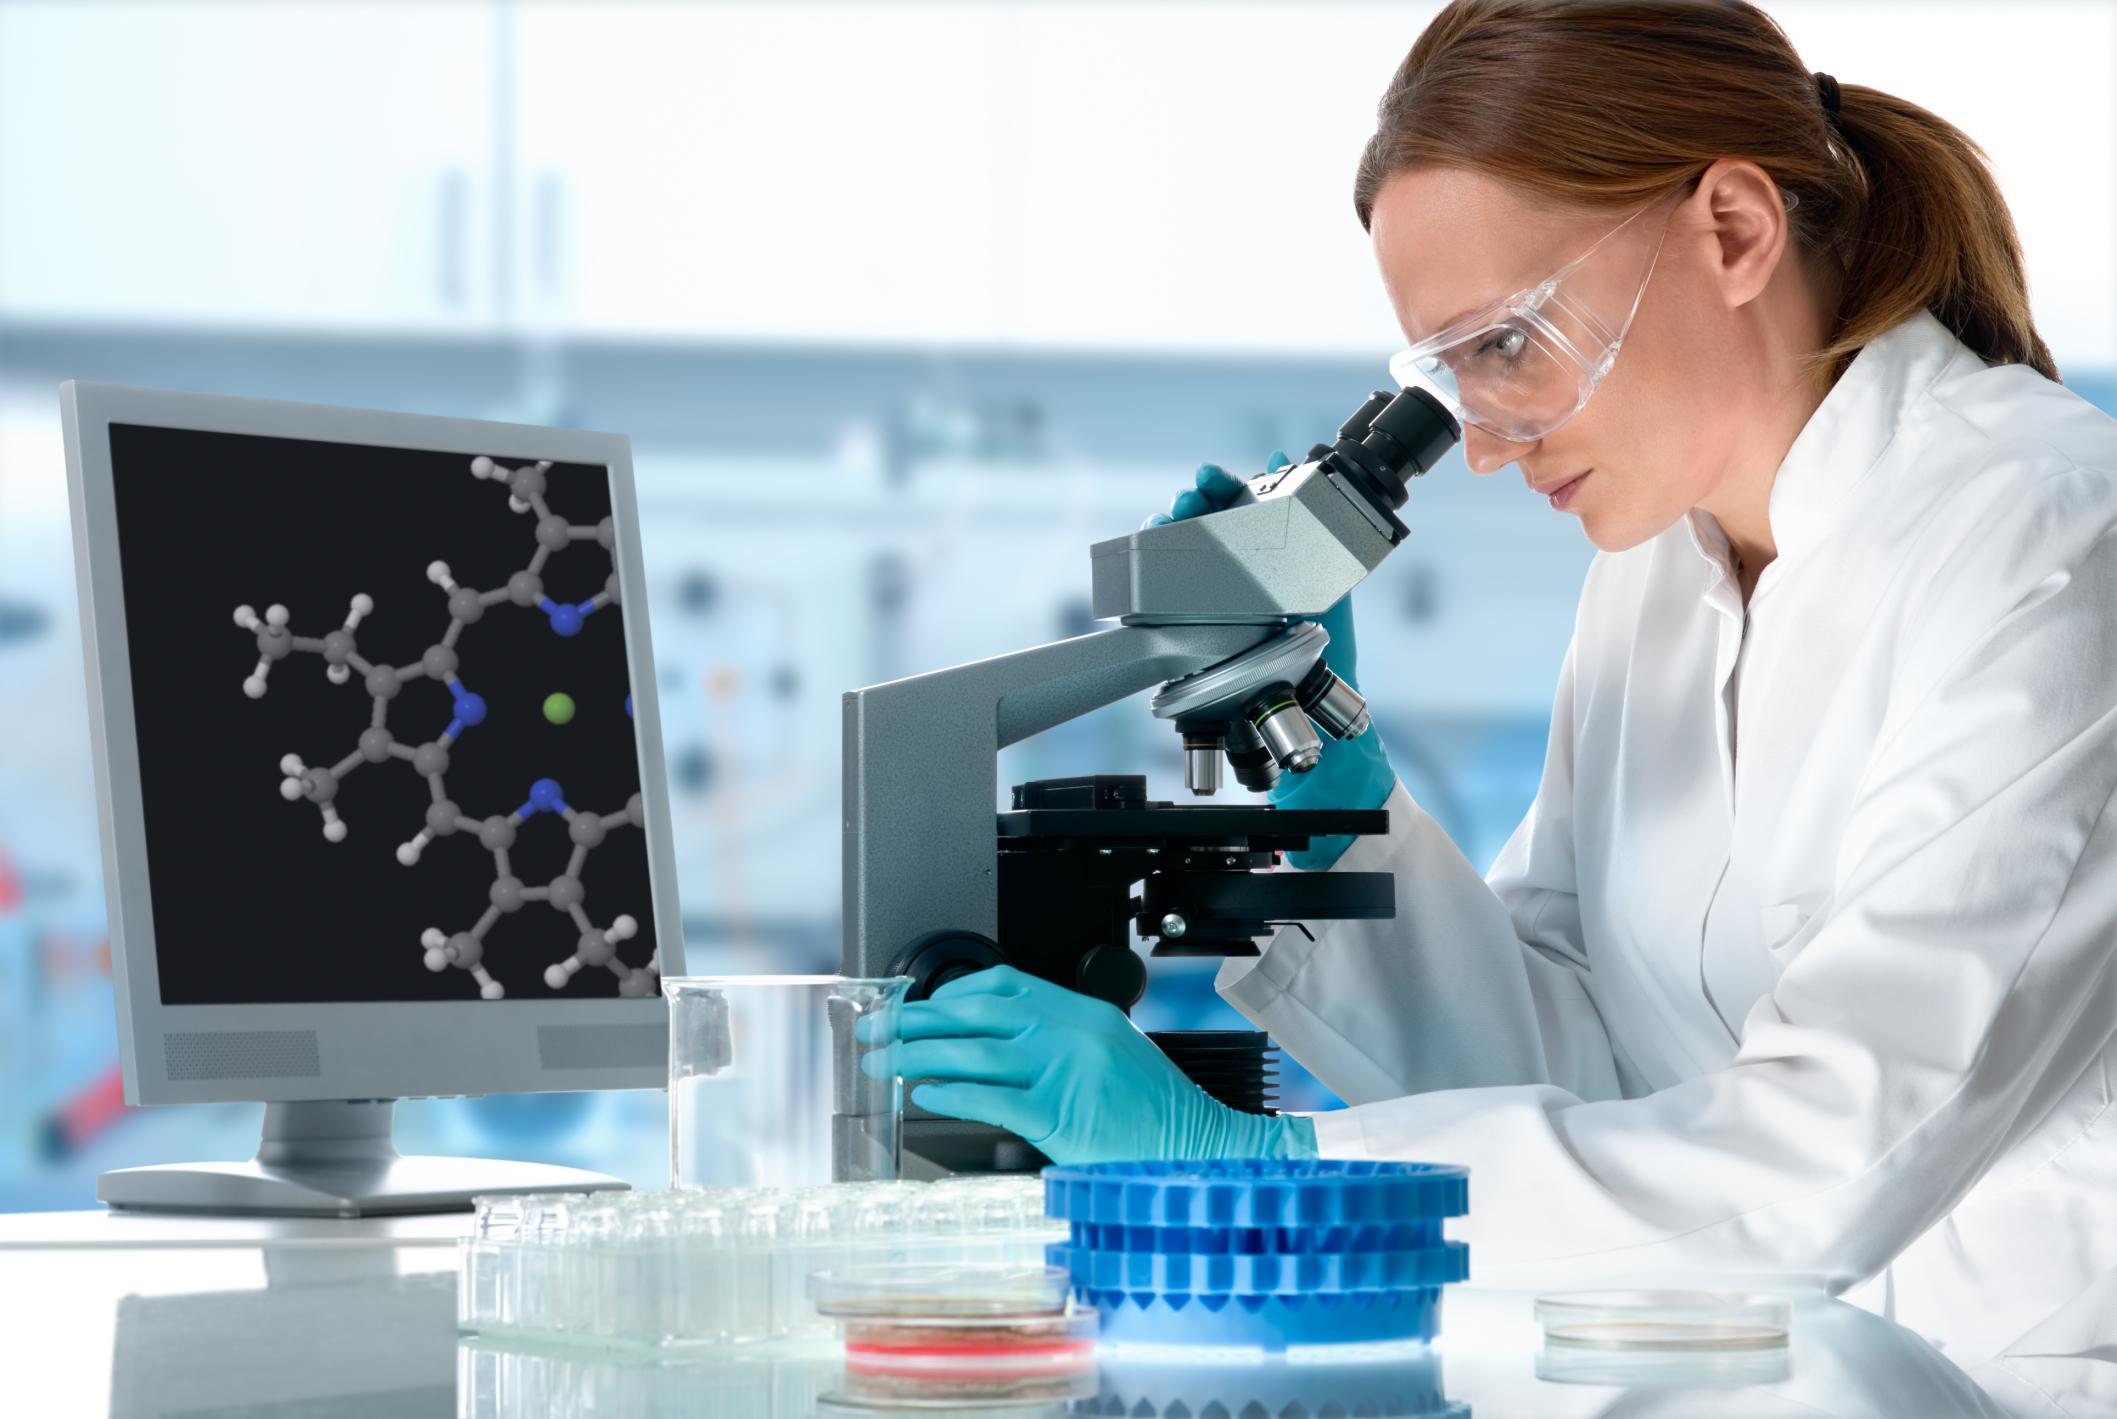 Las mujeres, la ciencia y la opinión pública